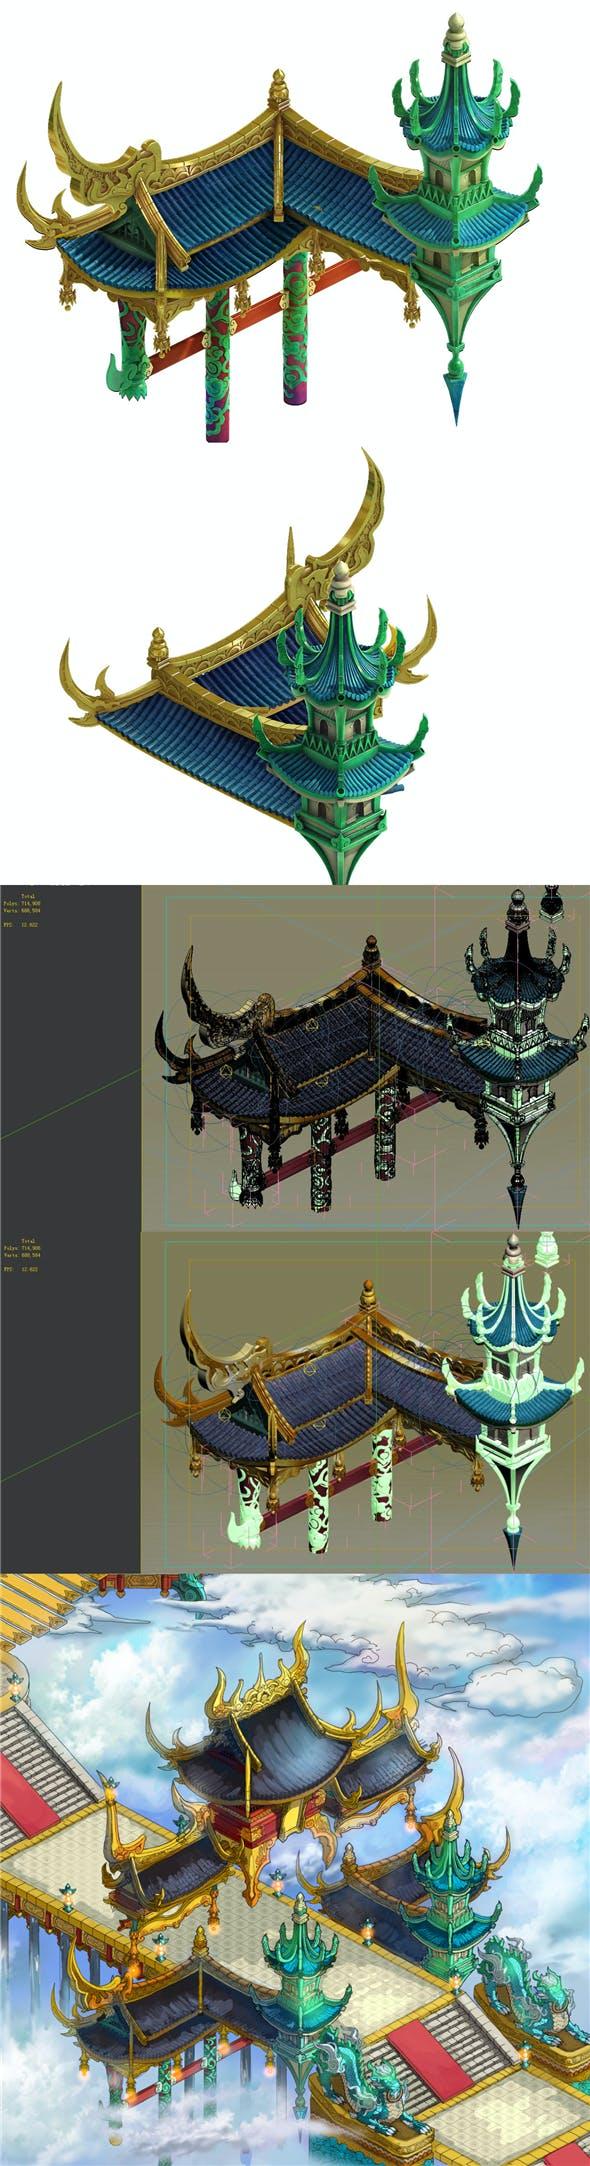 Game model - Bi La City - Royal palace part - 3DOcean Item for Sale